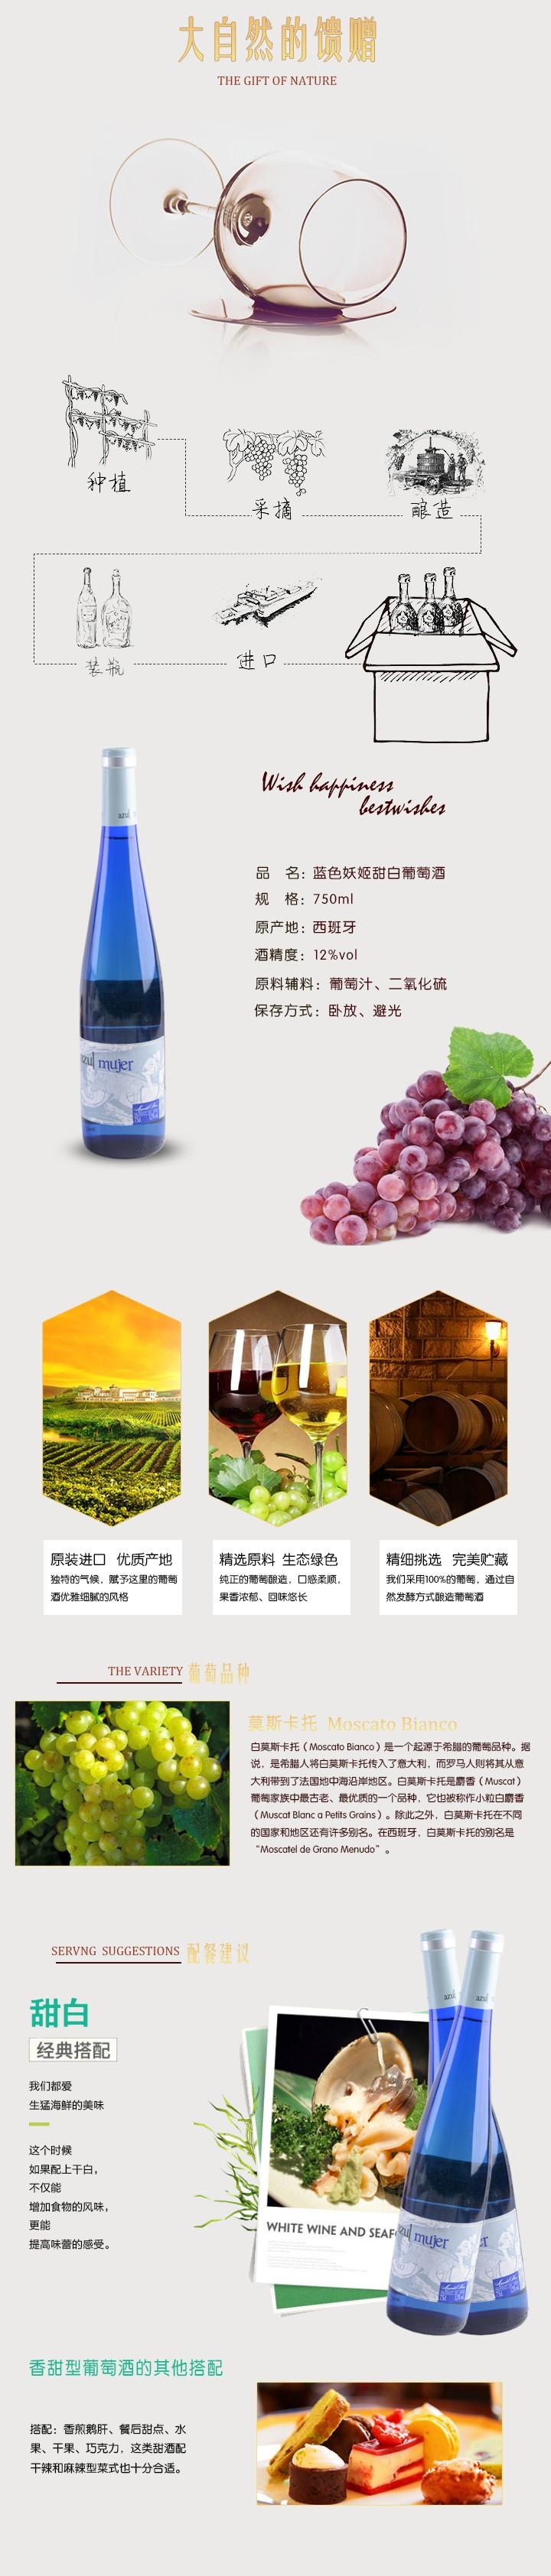 莫斯卡托紅酒.jpg